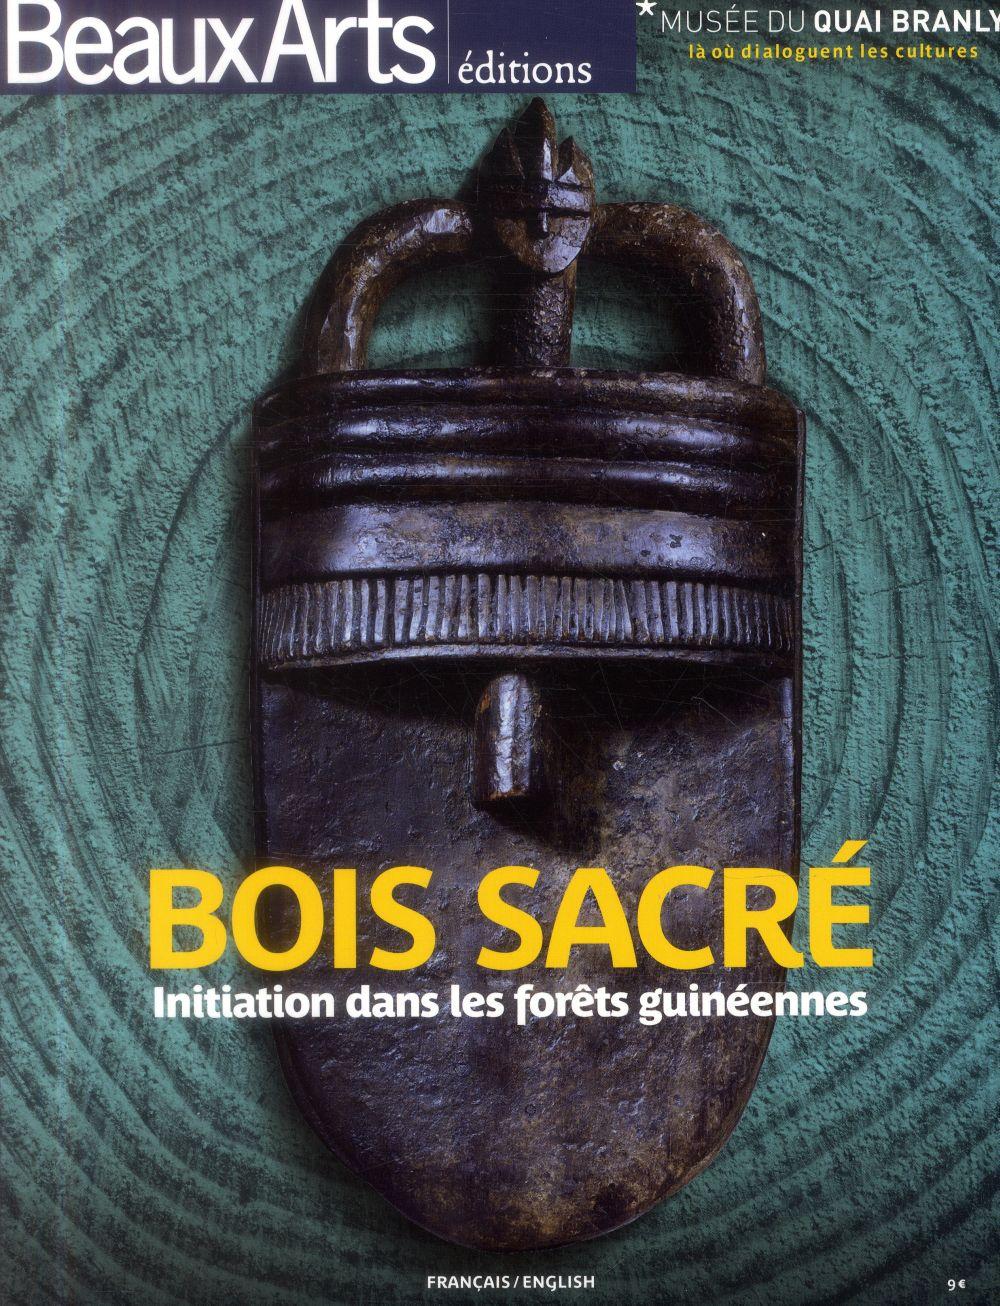 BOIS SACRE-INIRIATION DANS LES FORETS GUINEENNES - AU MUSEE DU QUAI BRANLY